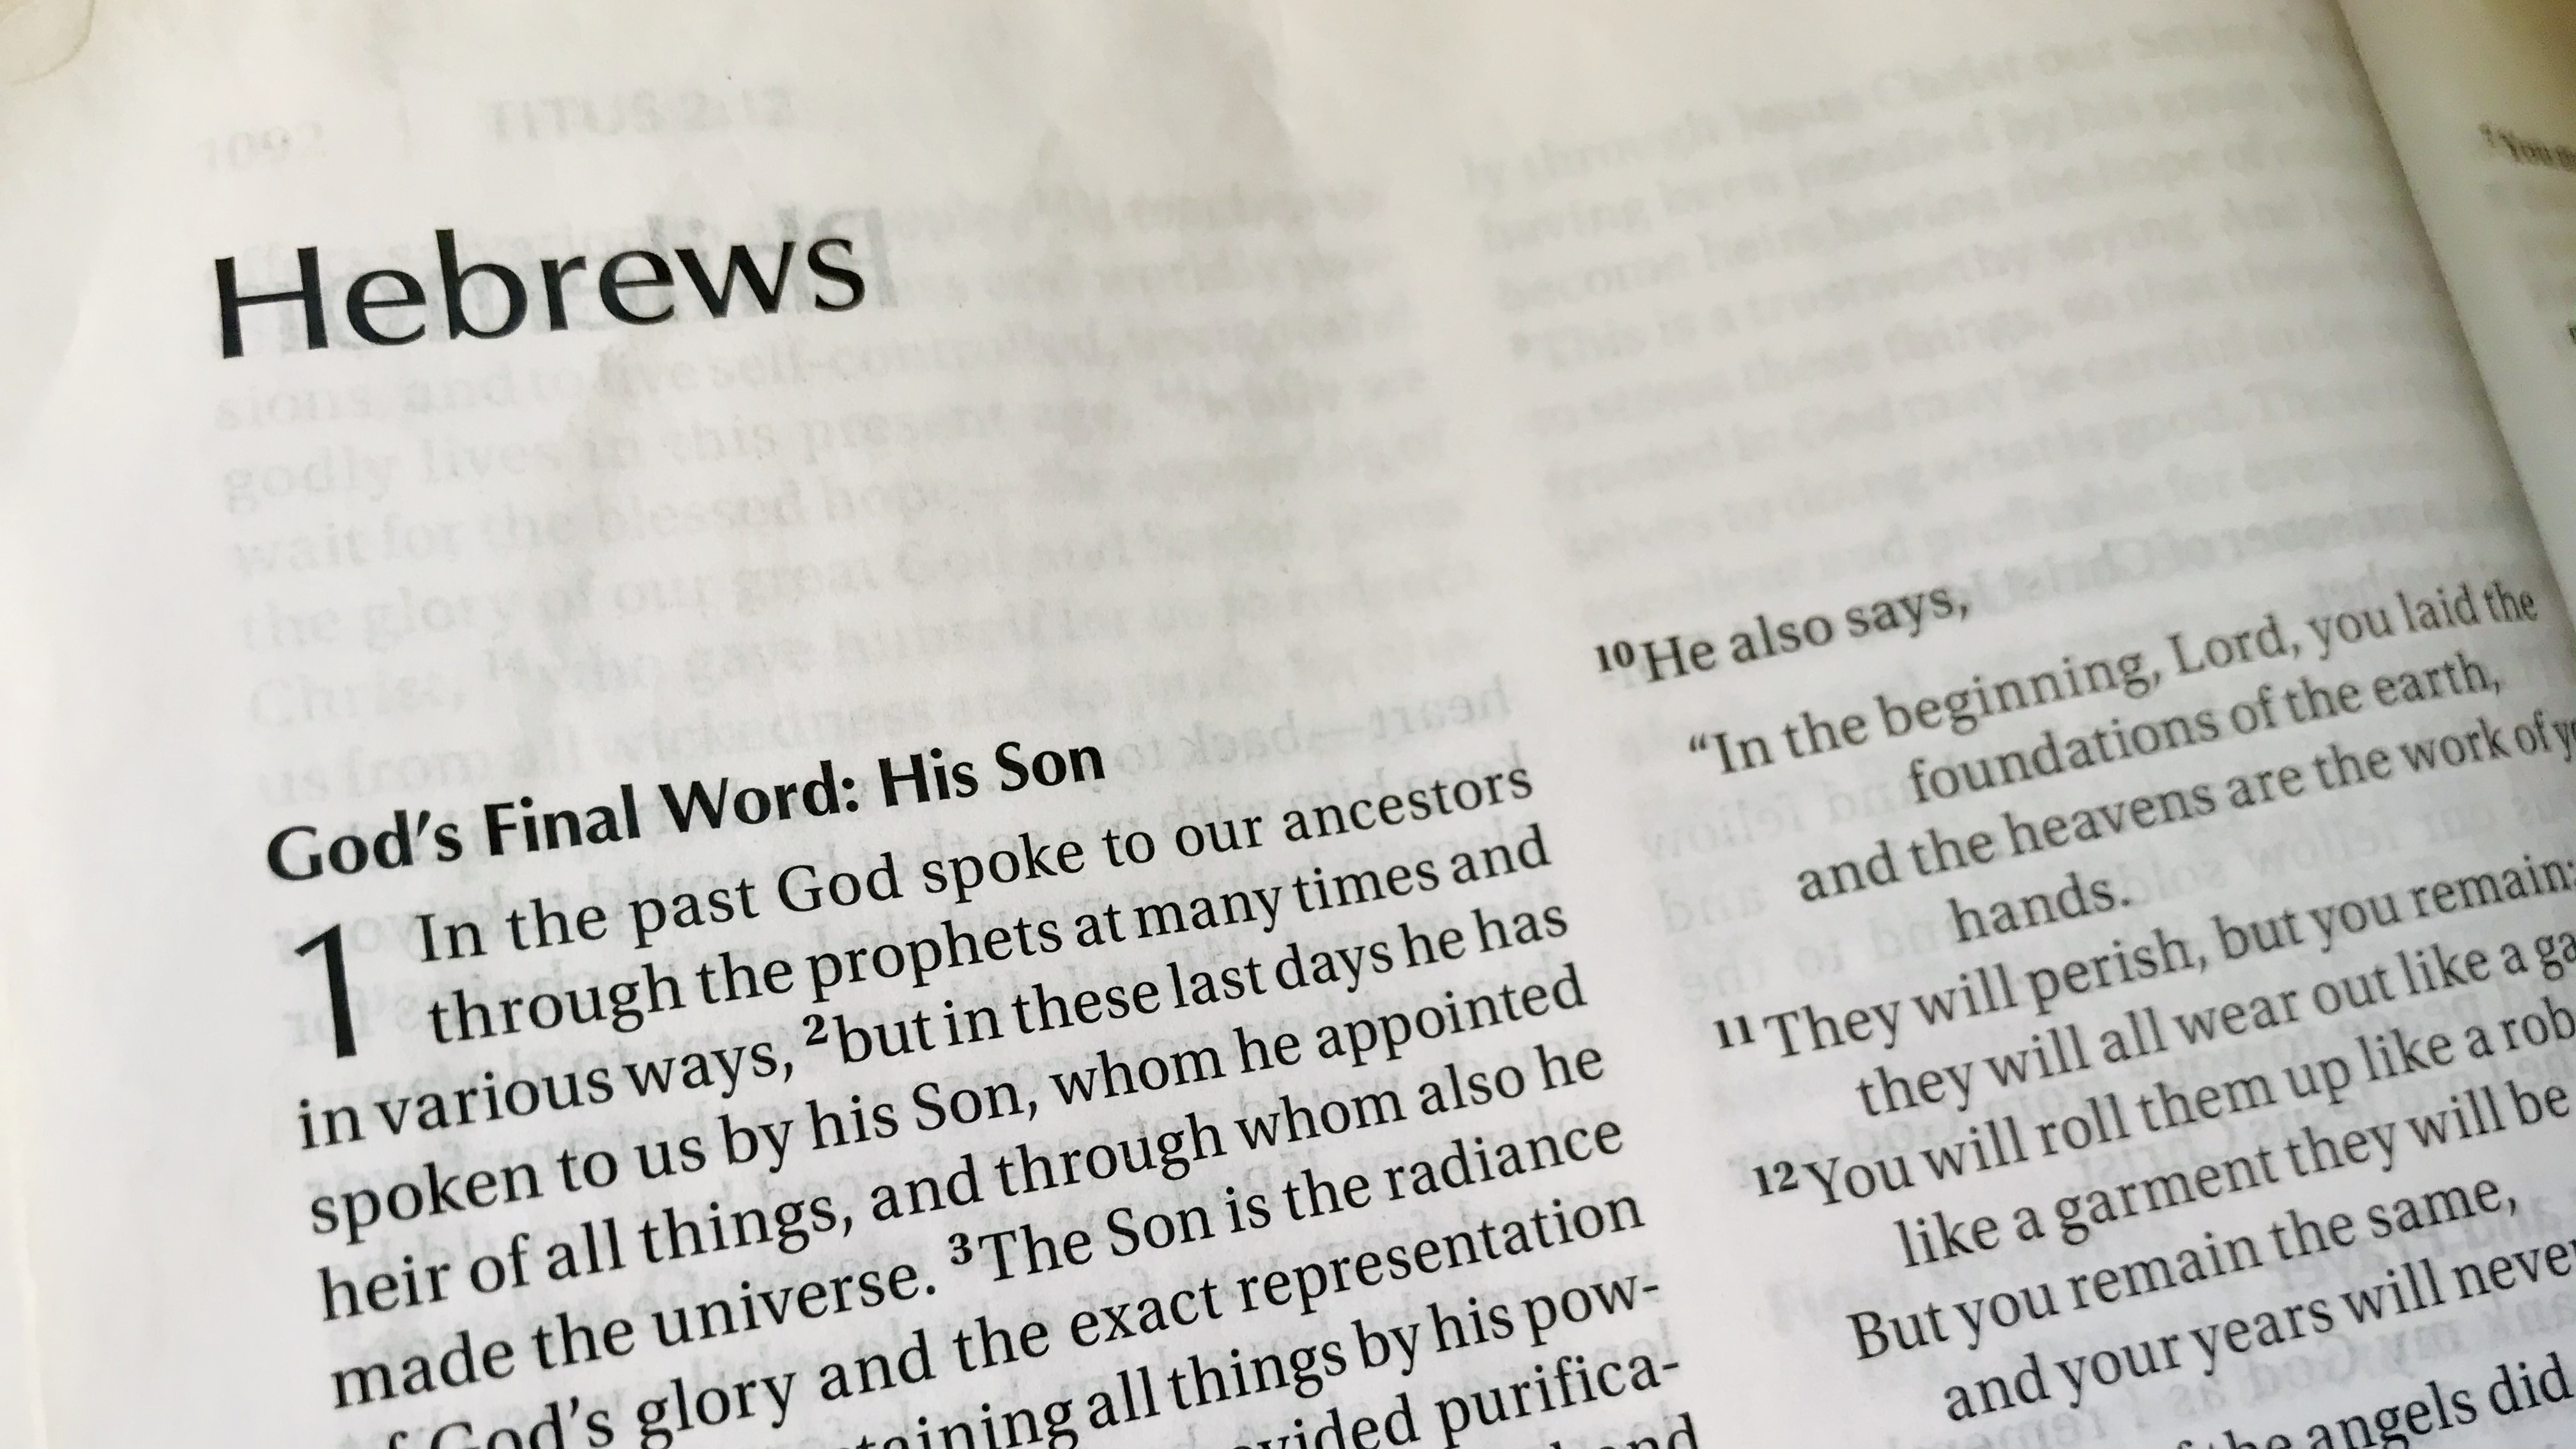 image 3 - Hebrews